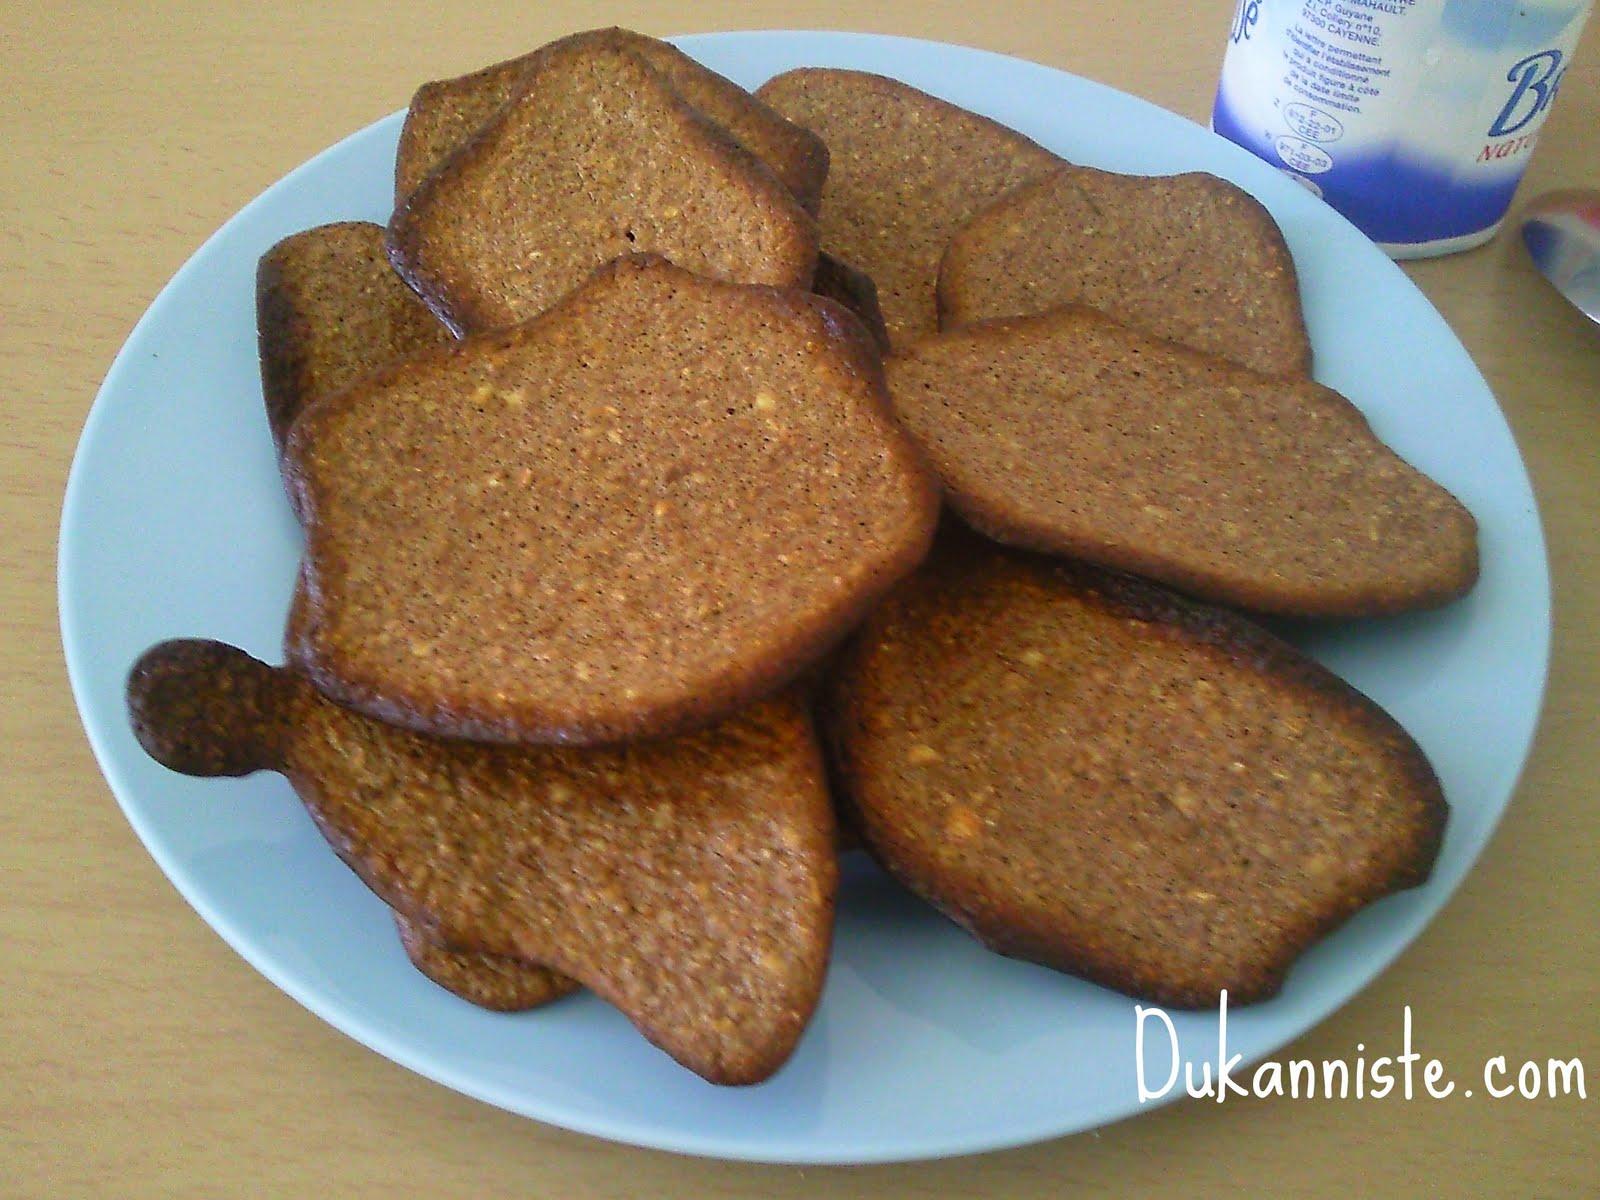 biscuits secs recettes dukan pour jeudi pp